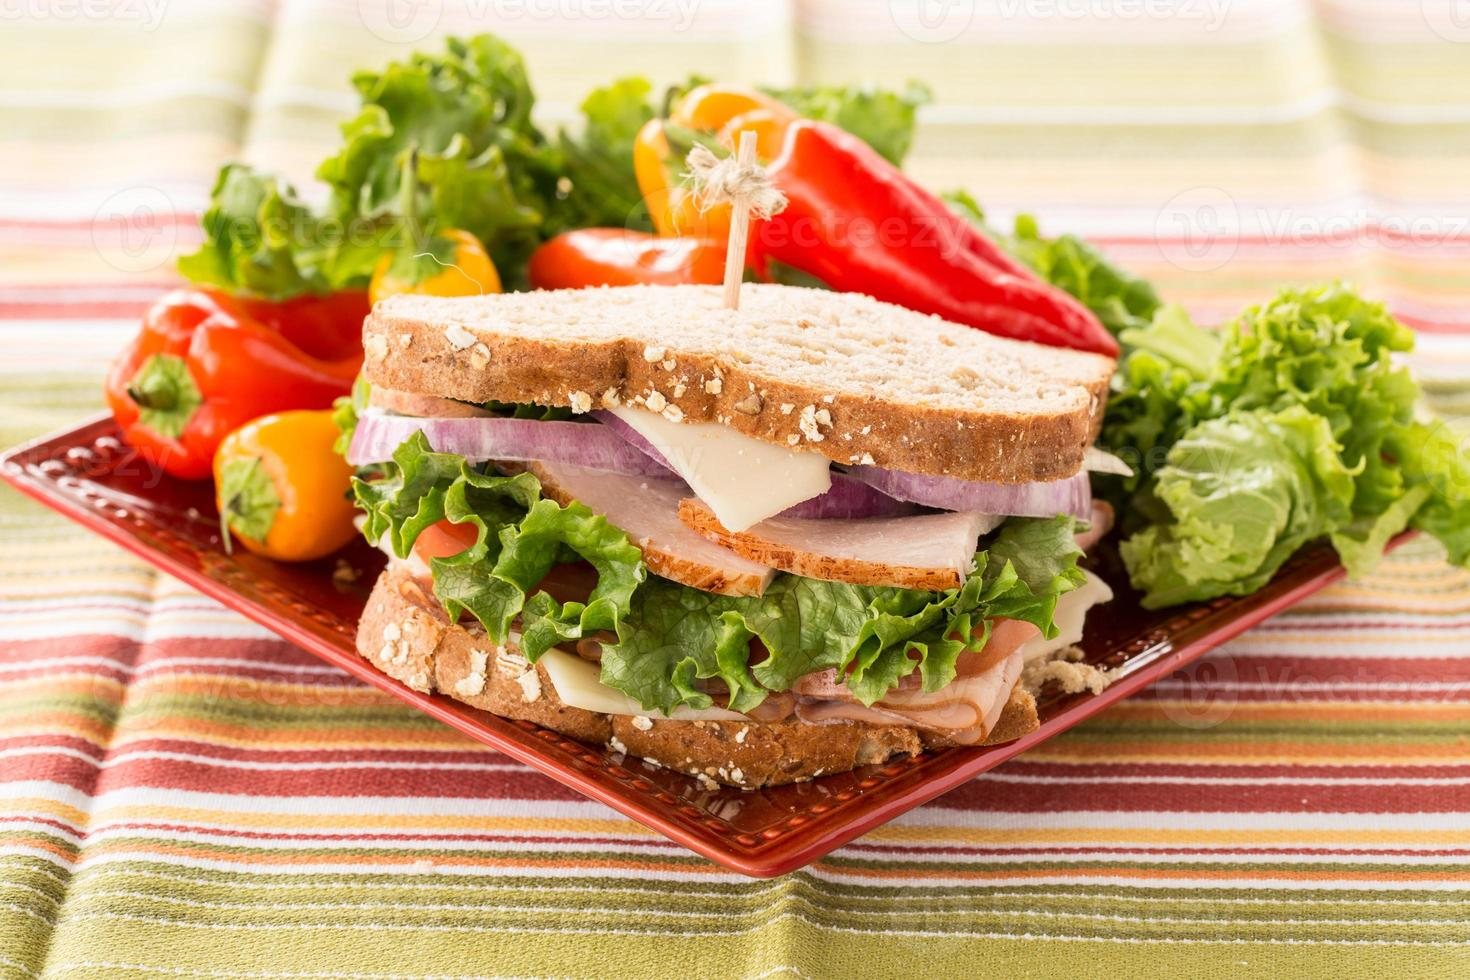 sanduíche de almoço saudável colorido com pimentos no prato foto